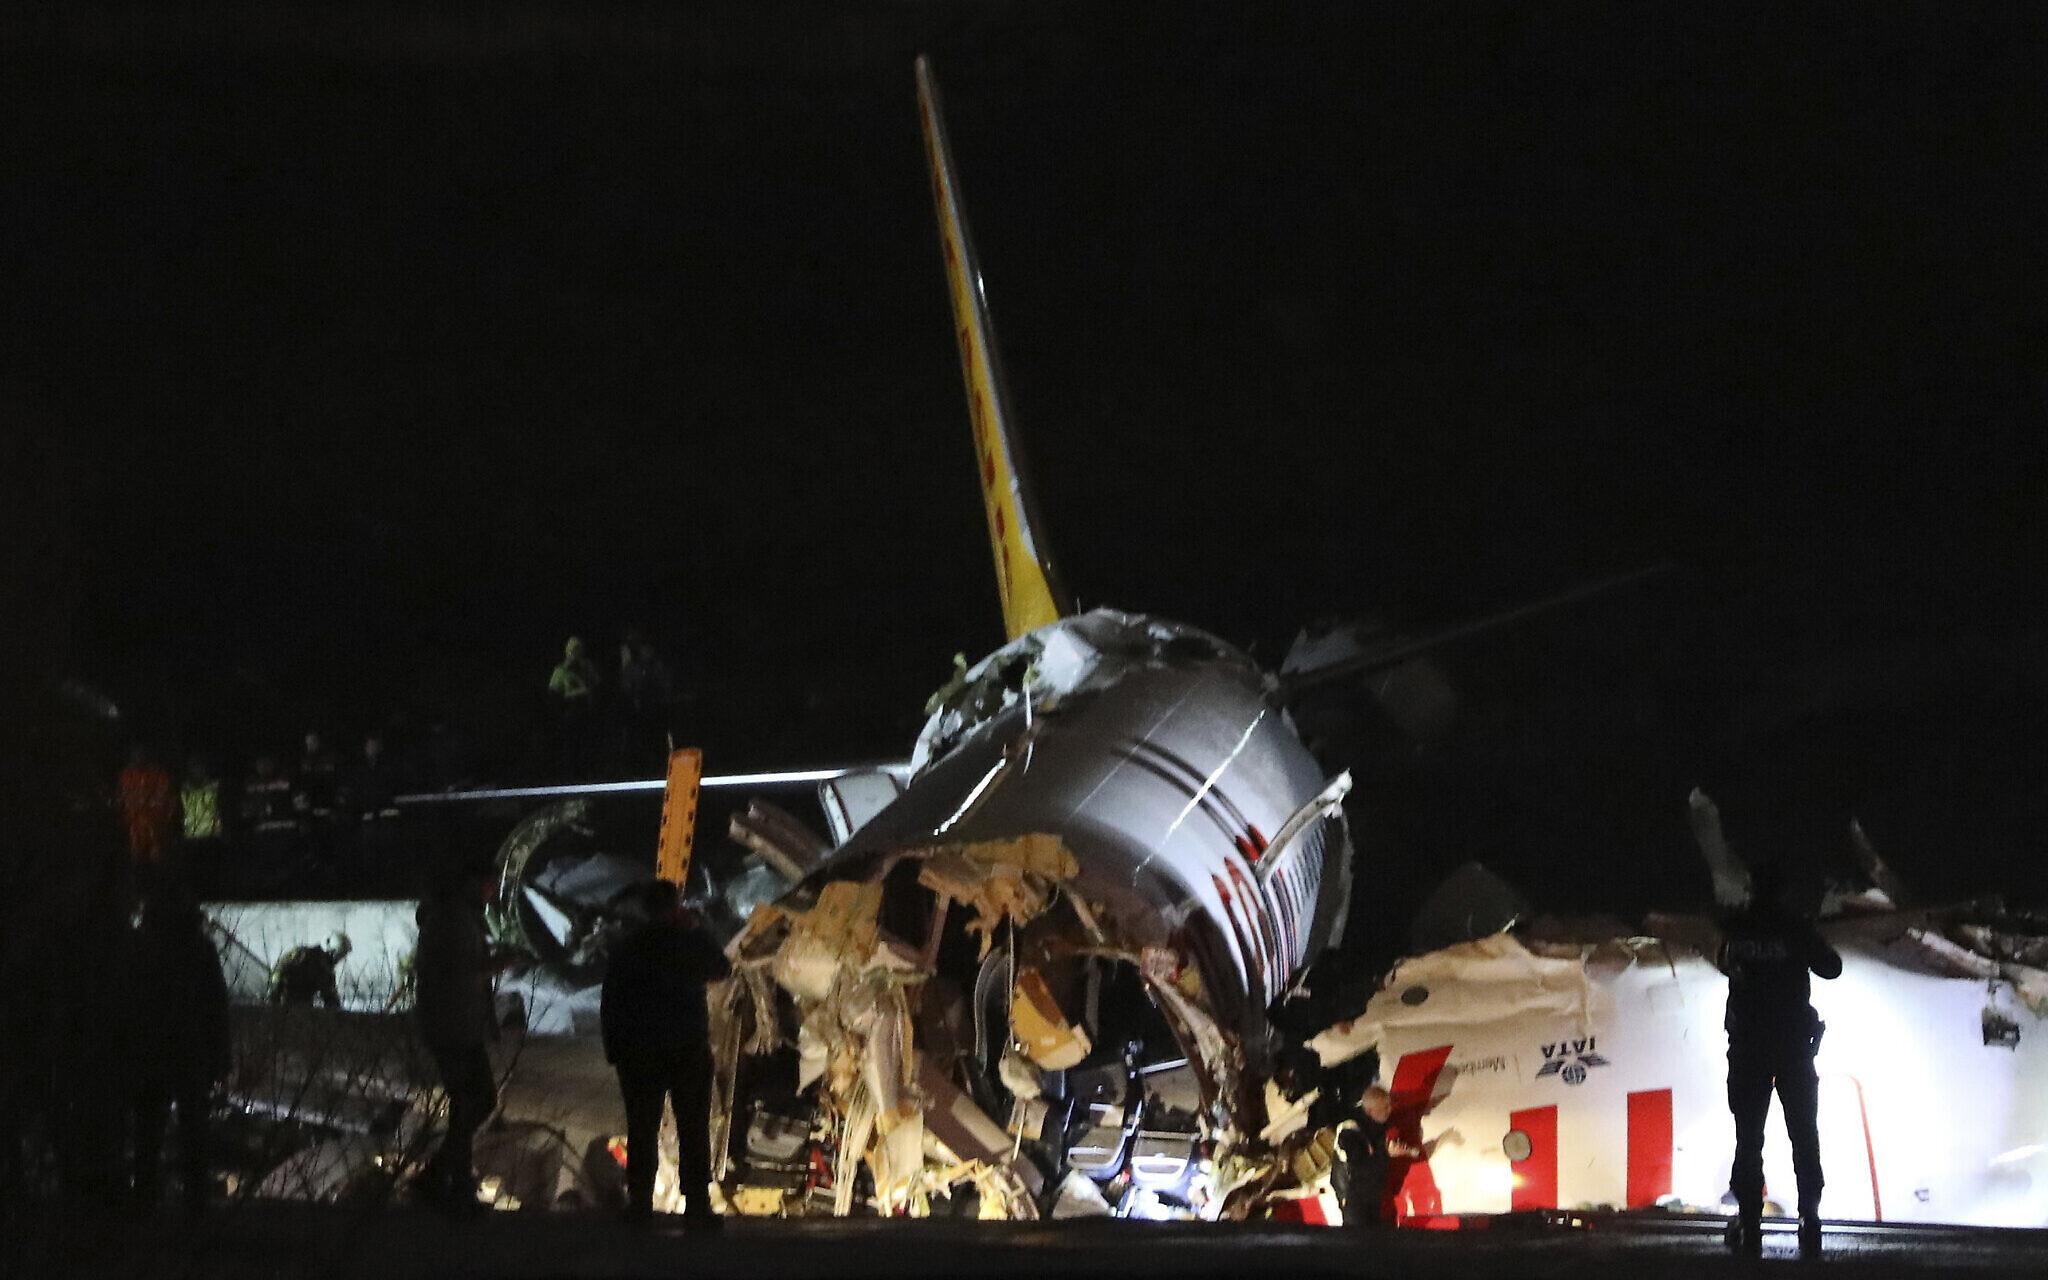 Un Boeing 737 se brise en deux à l'atterrissage — Turquie